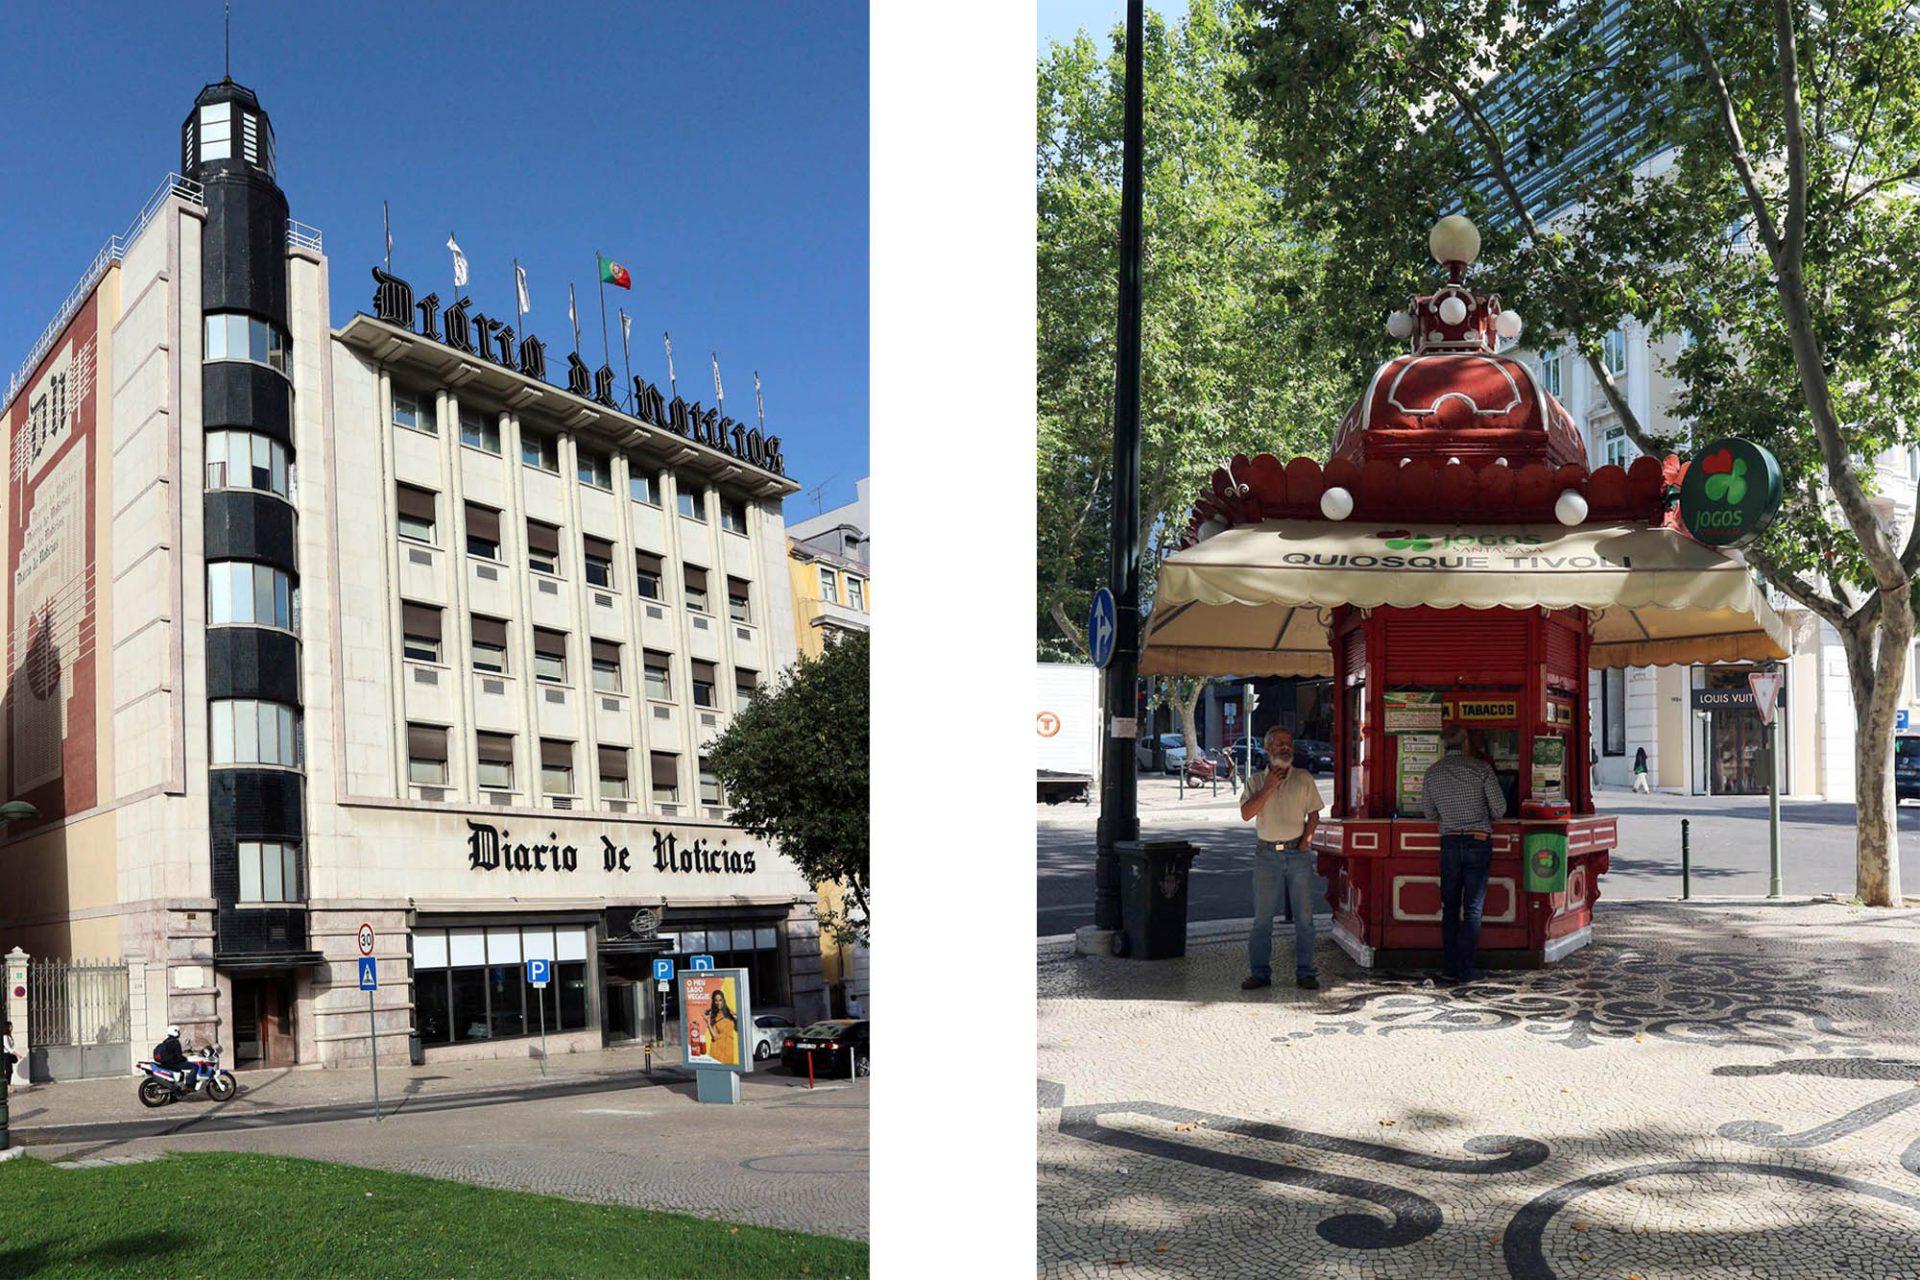 Tivoli Kiosk. Großzügige Stifterin war die Zeitung Diário de Notícias. Ein paar Meter nördlich steht das Verlagshaus. Es entstand zwischen 1936-1939 nach einem Entwurf des Architekten Porfírio Pardal Monteiro. Es gilt als Paradestück portugiesischer Baukunst und wurde 1940 mit dem Architekturpreis Prémio Valmor ausgezeichnet.